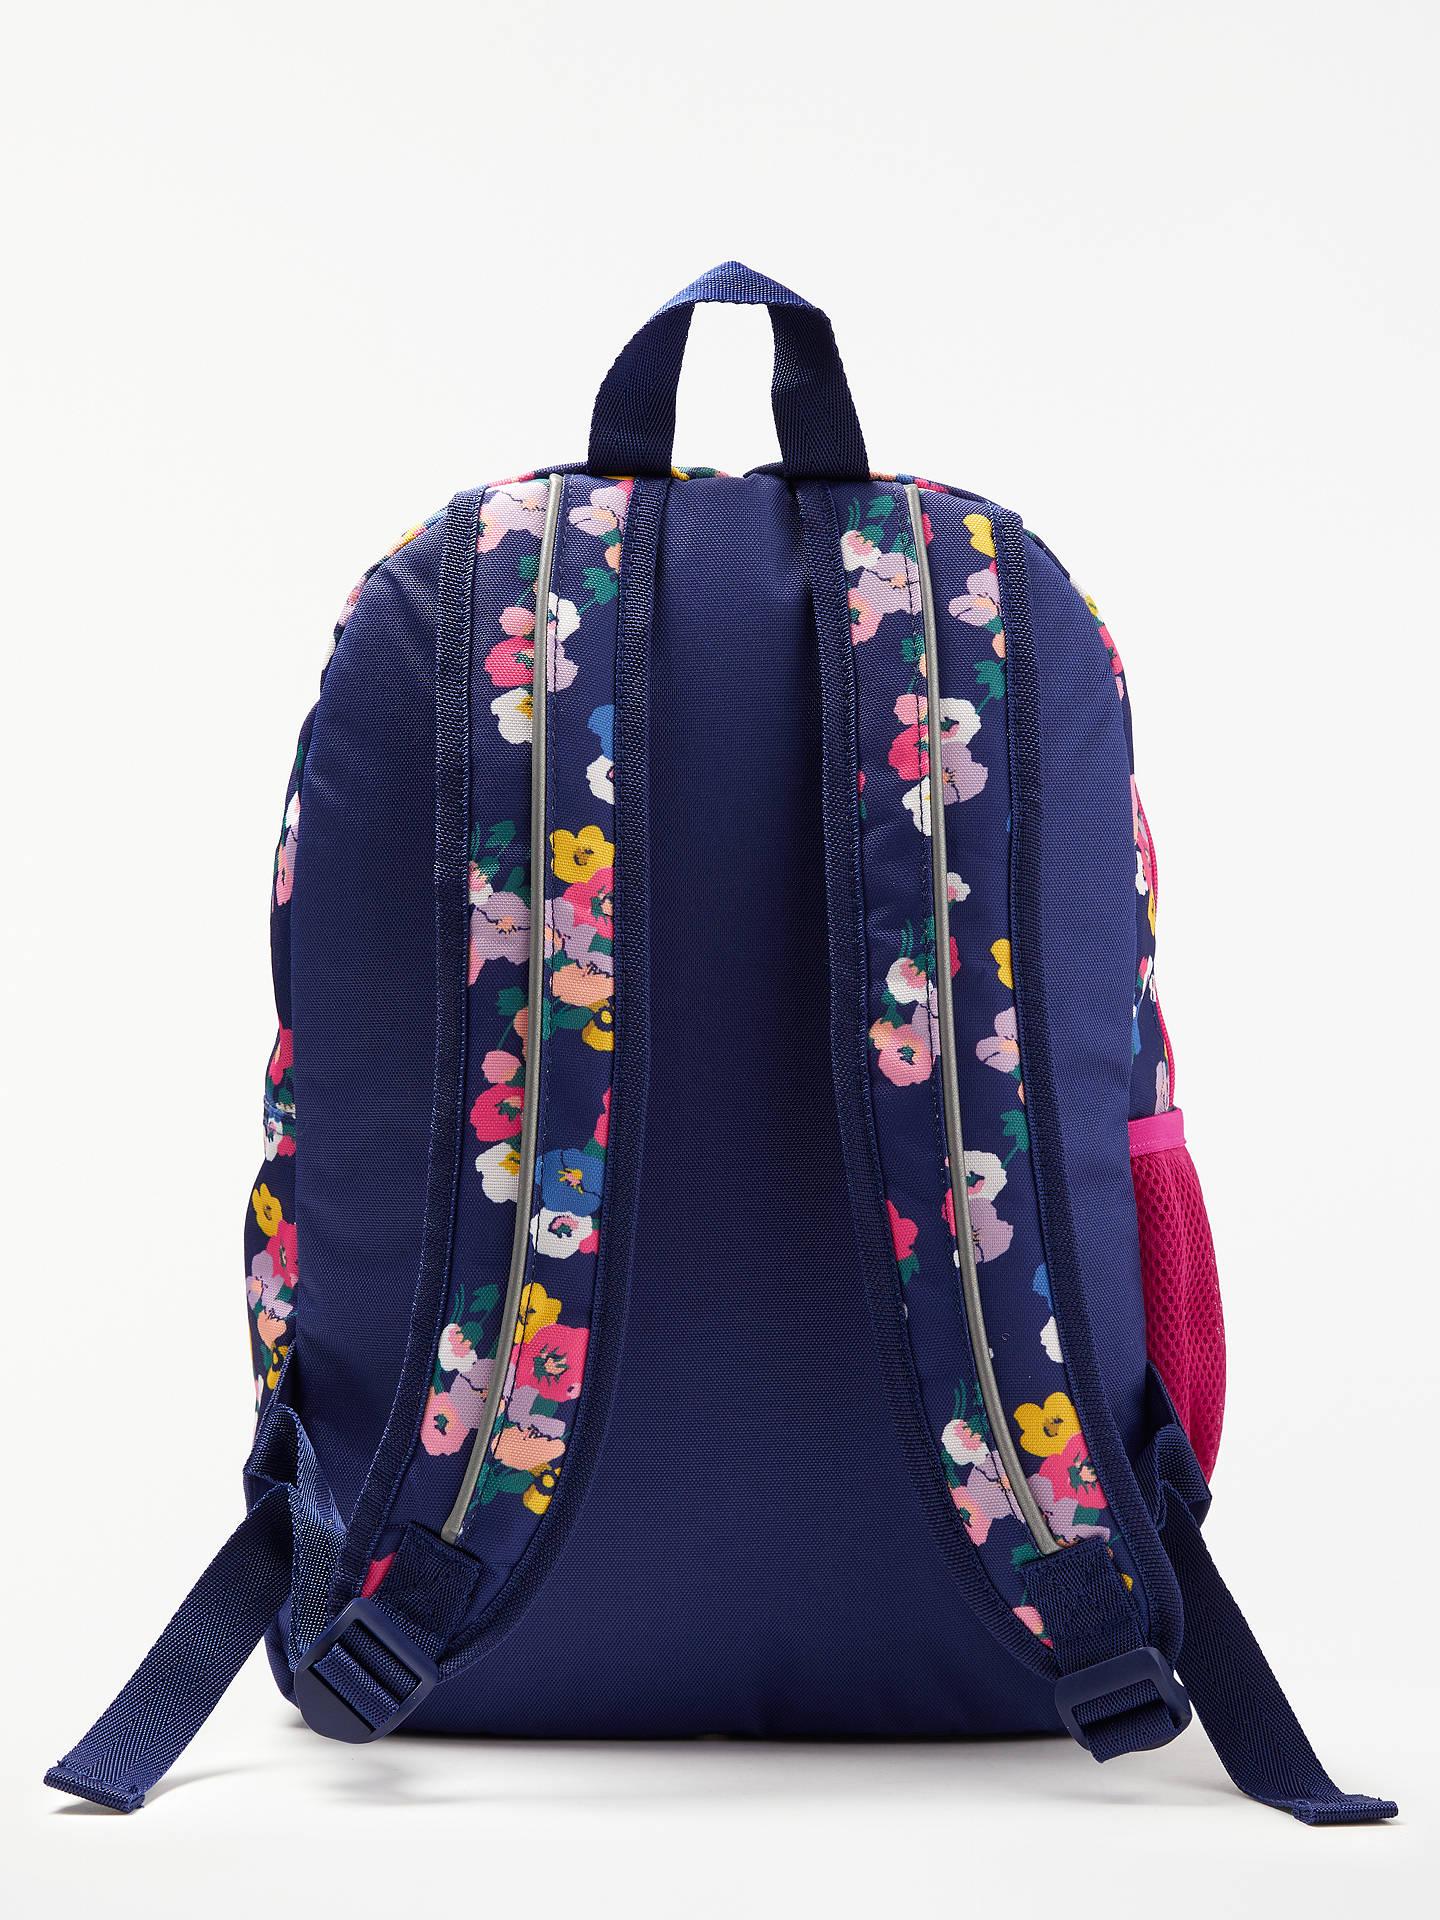 bfa34da675 ... Buy John Lewis & Partners Children's Floral Print Backpack, NavyMulti  Online at johnlewis.com